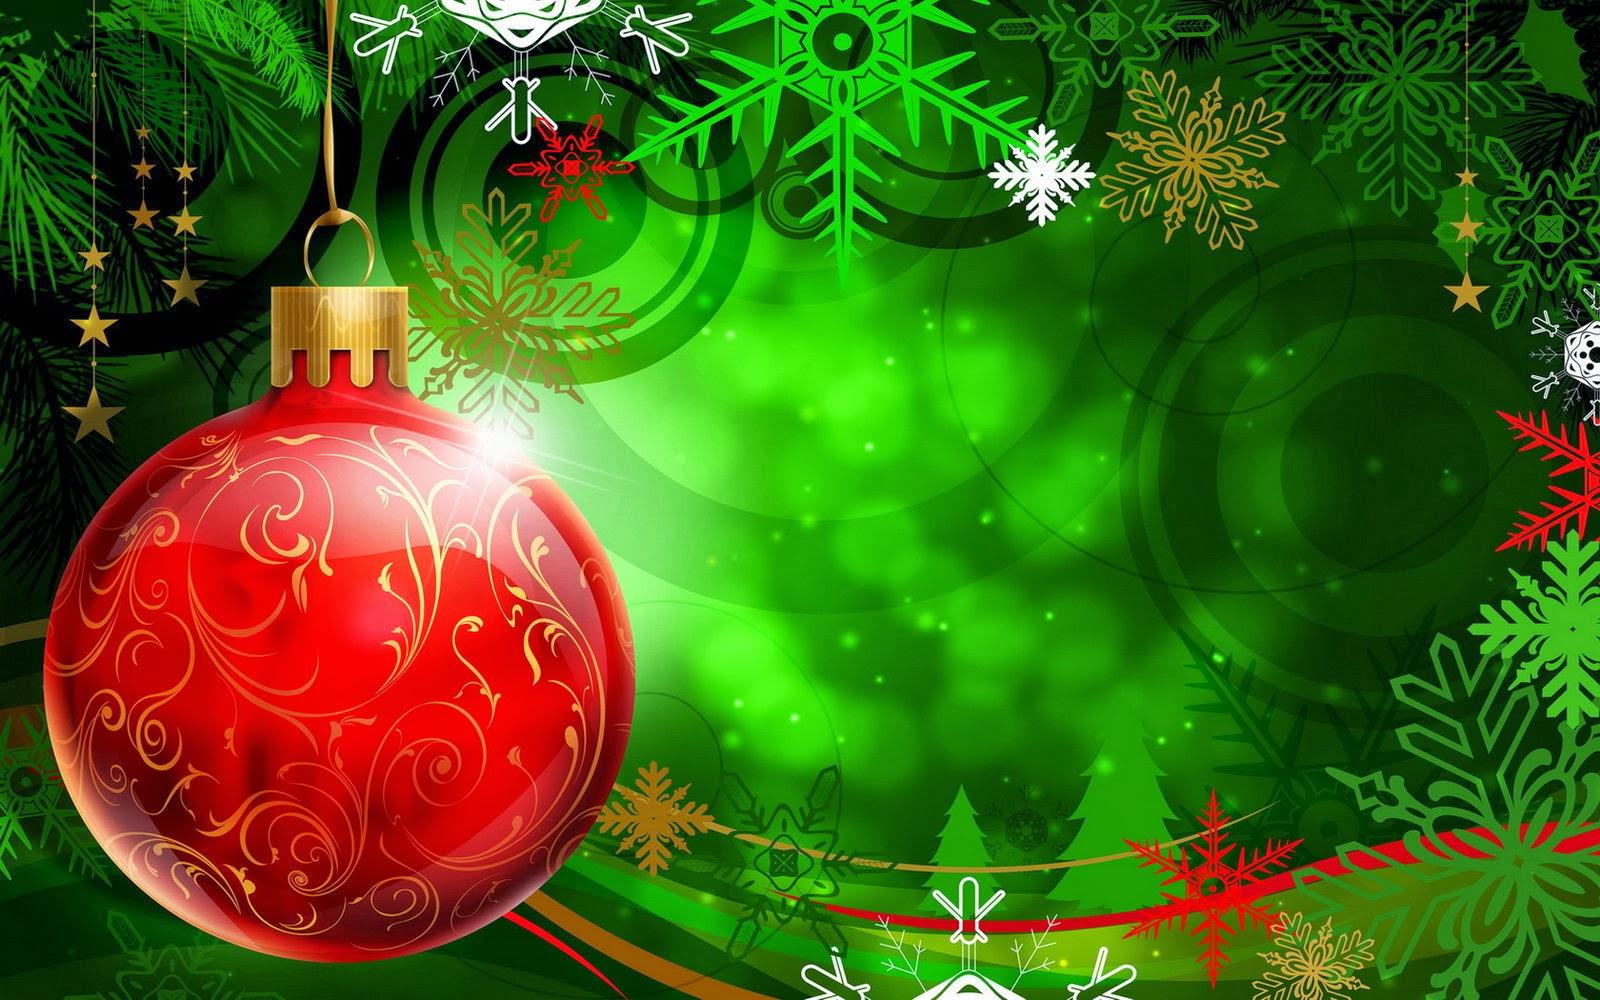 خلفيات جديدة لراس السنة الميلادية 2017 , اروع الخلفيات للعام الجديد , احدث الرمزيات للعام 2017 2014_1388003304_375.